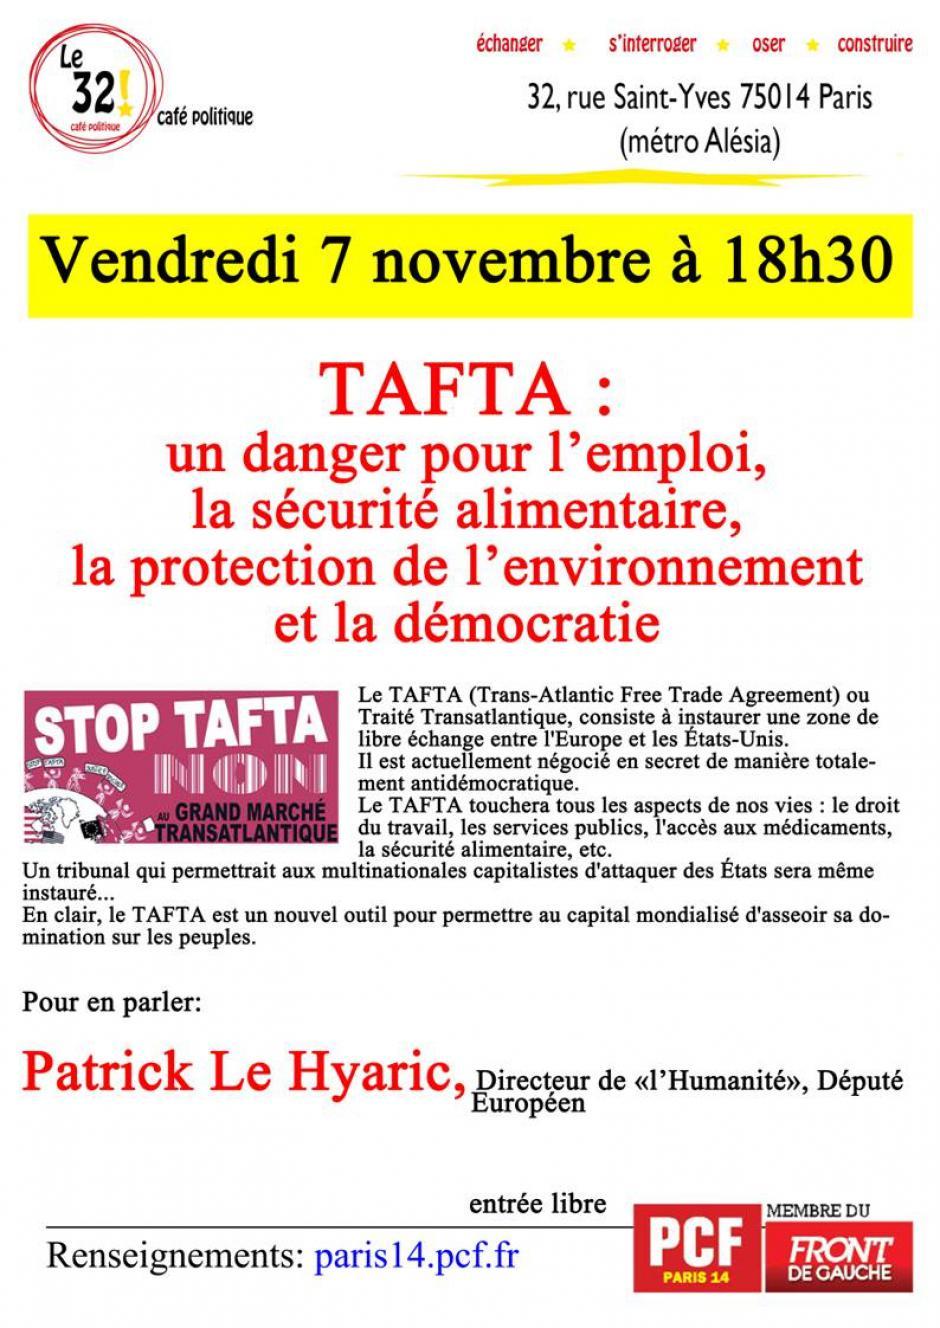 Vendredi 7 novembre 18h30 : «les dangers du TAFTA» avec Patrick Le Hyaric, député européen